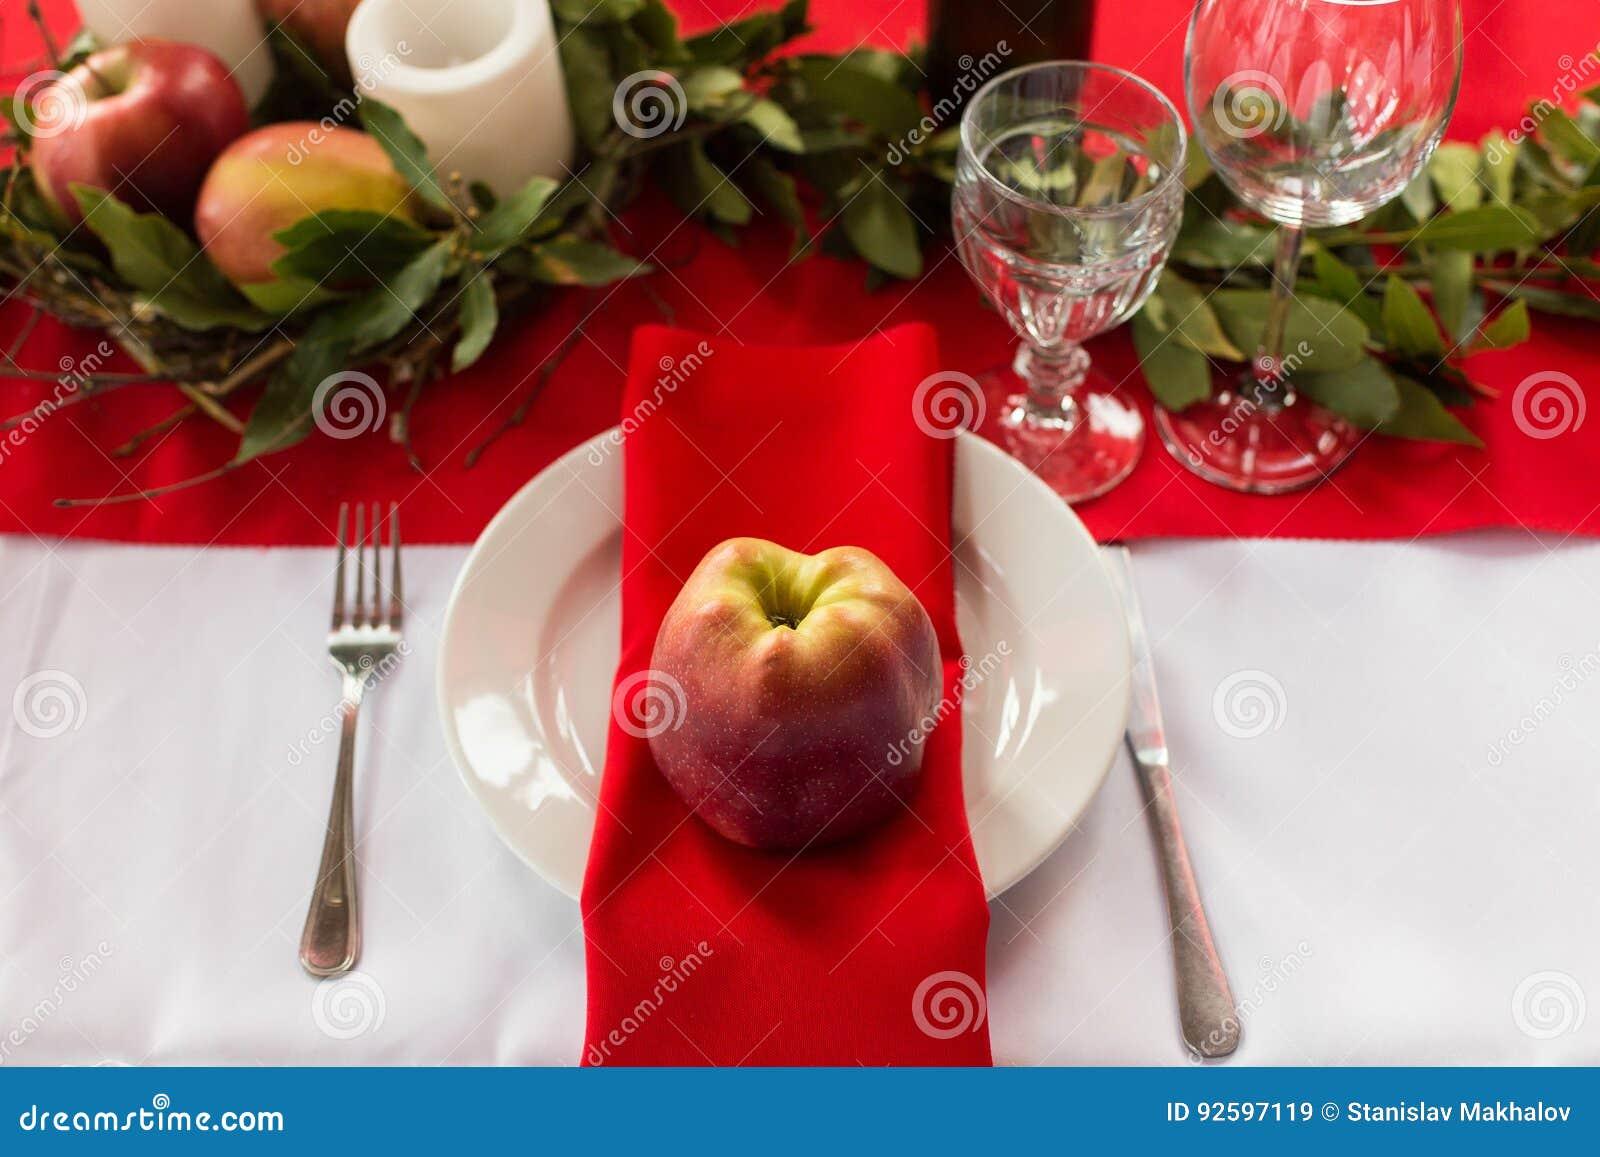 Dekorerad tabell som är klar för matställe Beautifully dekorerad tabelluppsättning med blommor, stearinljus, plattor och servette